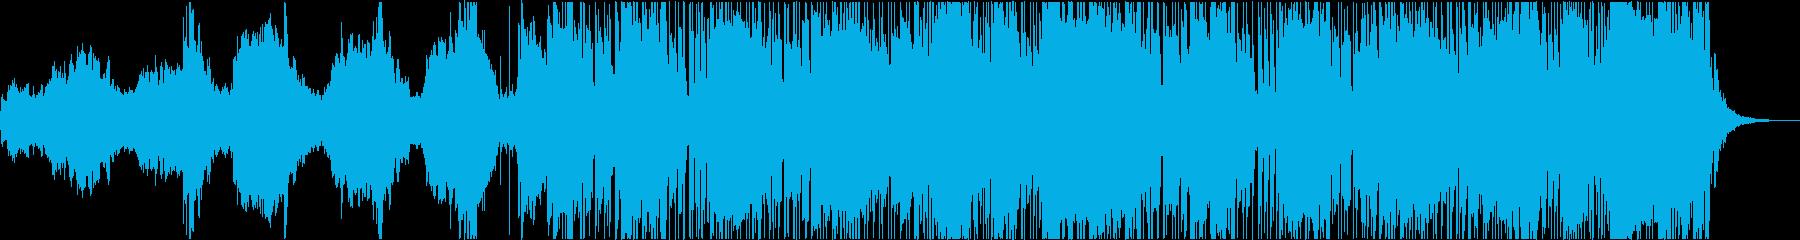 【展開2パターン】悲しくも温かい曲の再生済みの波形